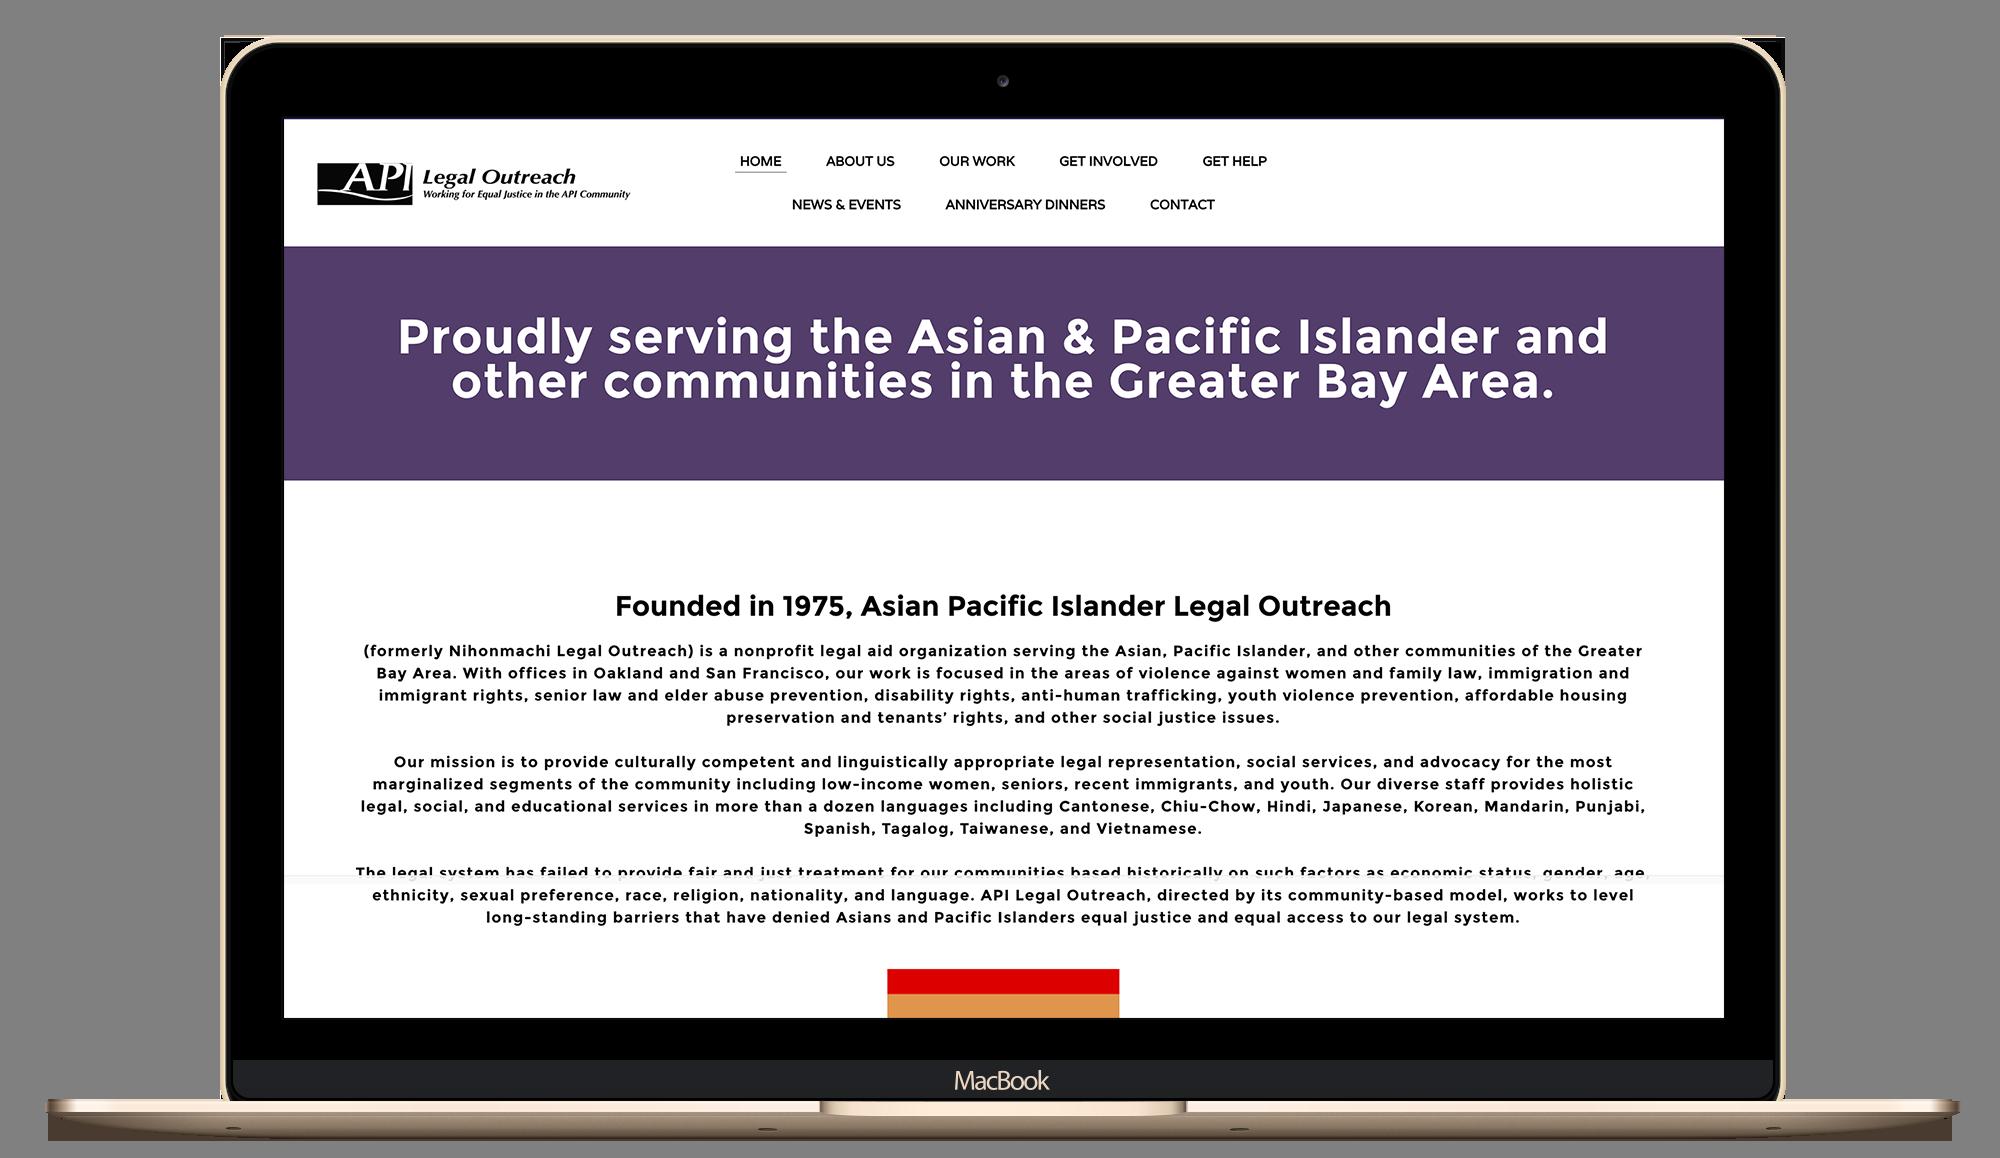 API Legal Outreach Before Screenshot